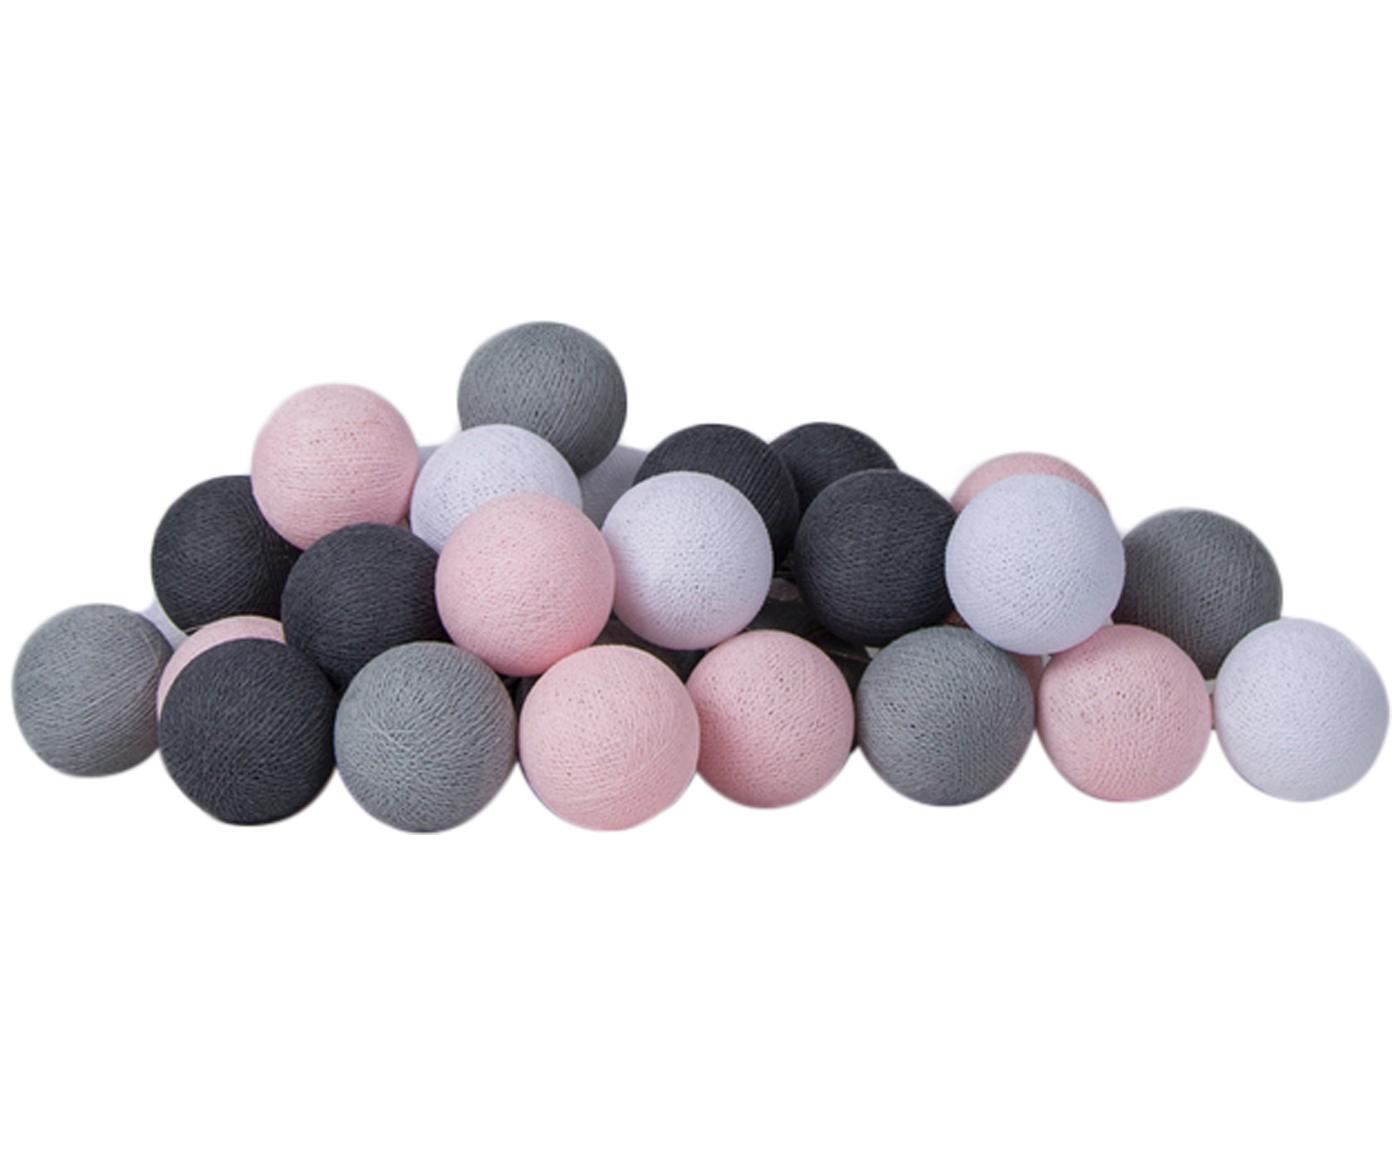 Girlanda świetlna LED Colorain, Blady różowy, odcienie szarego, D 230 x W 10 cm